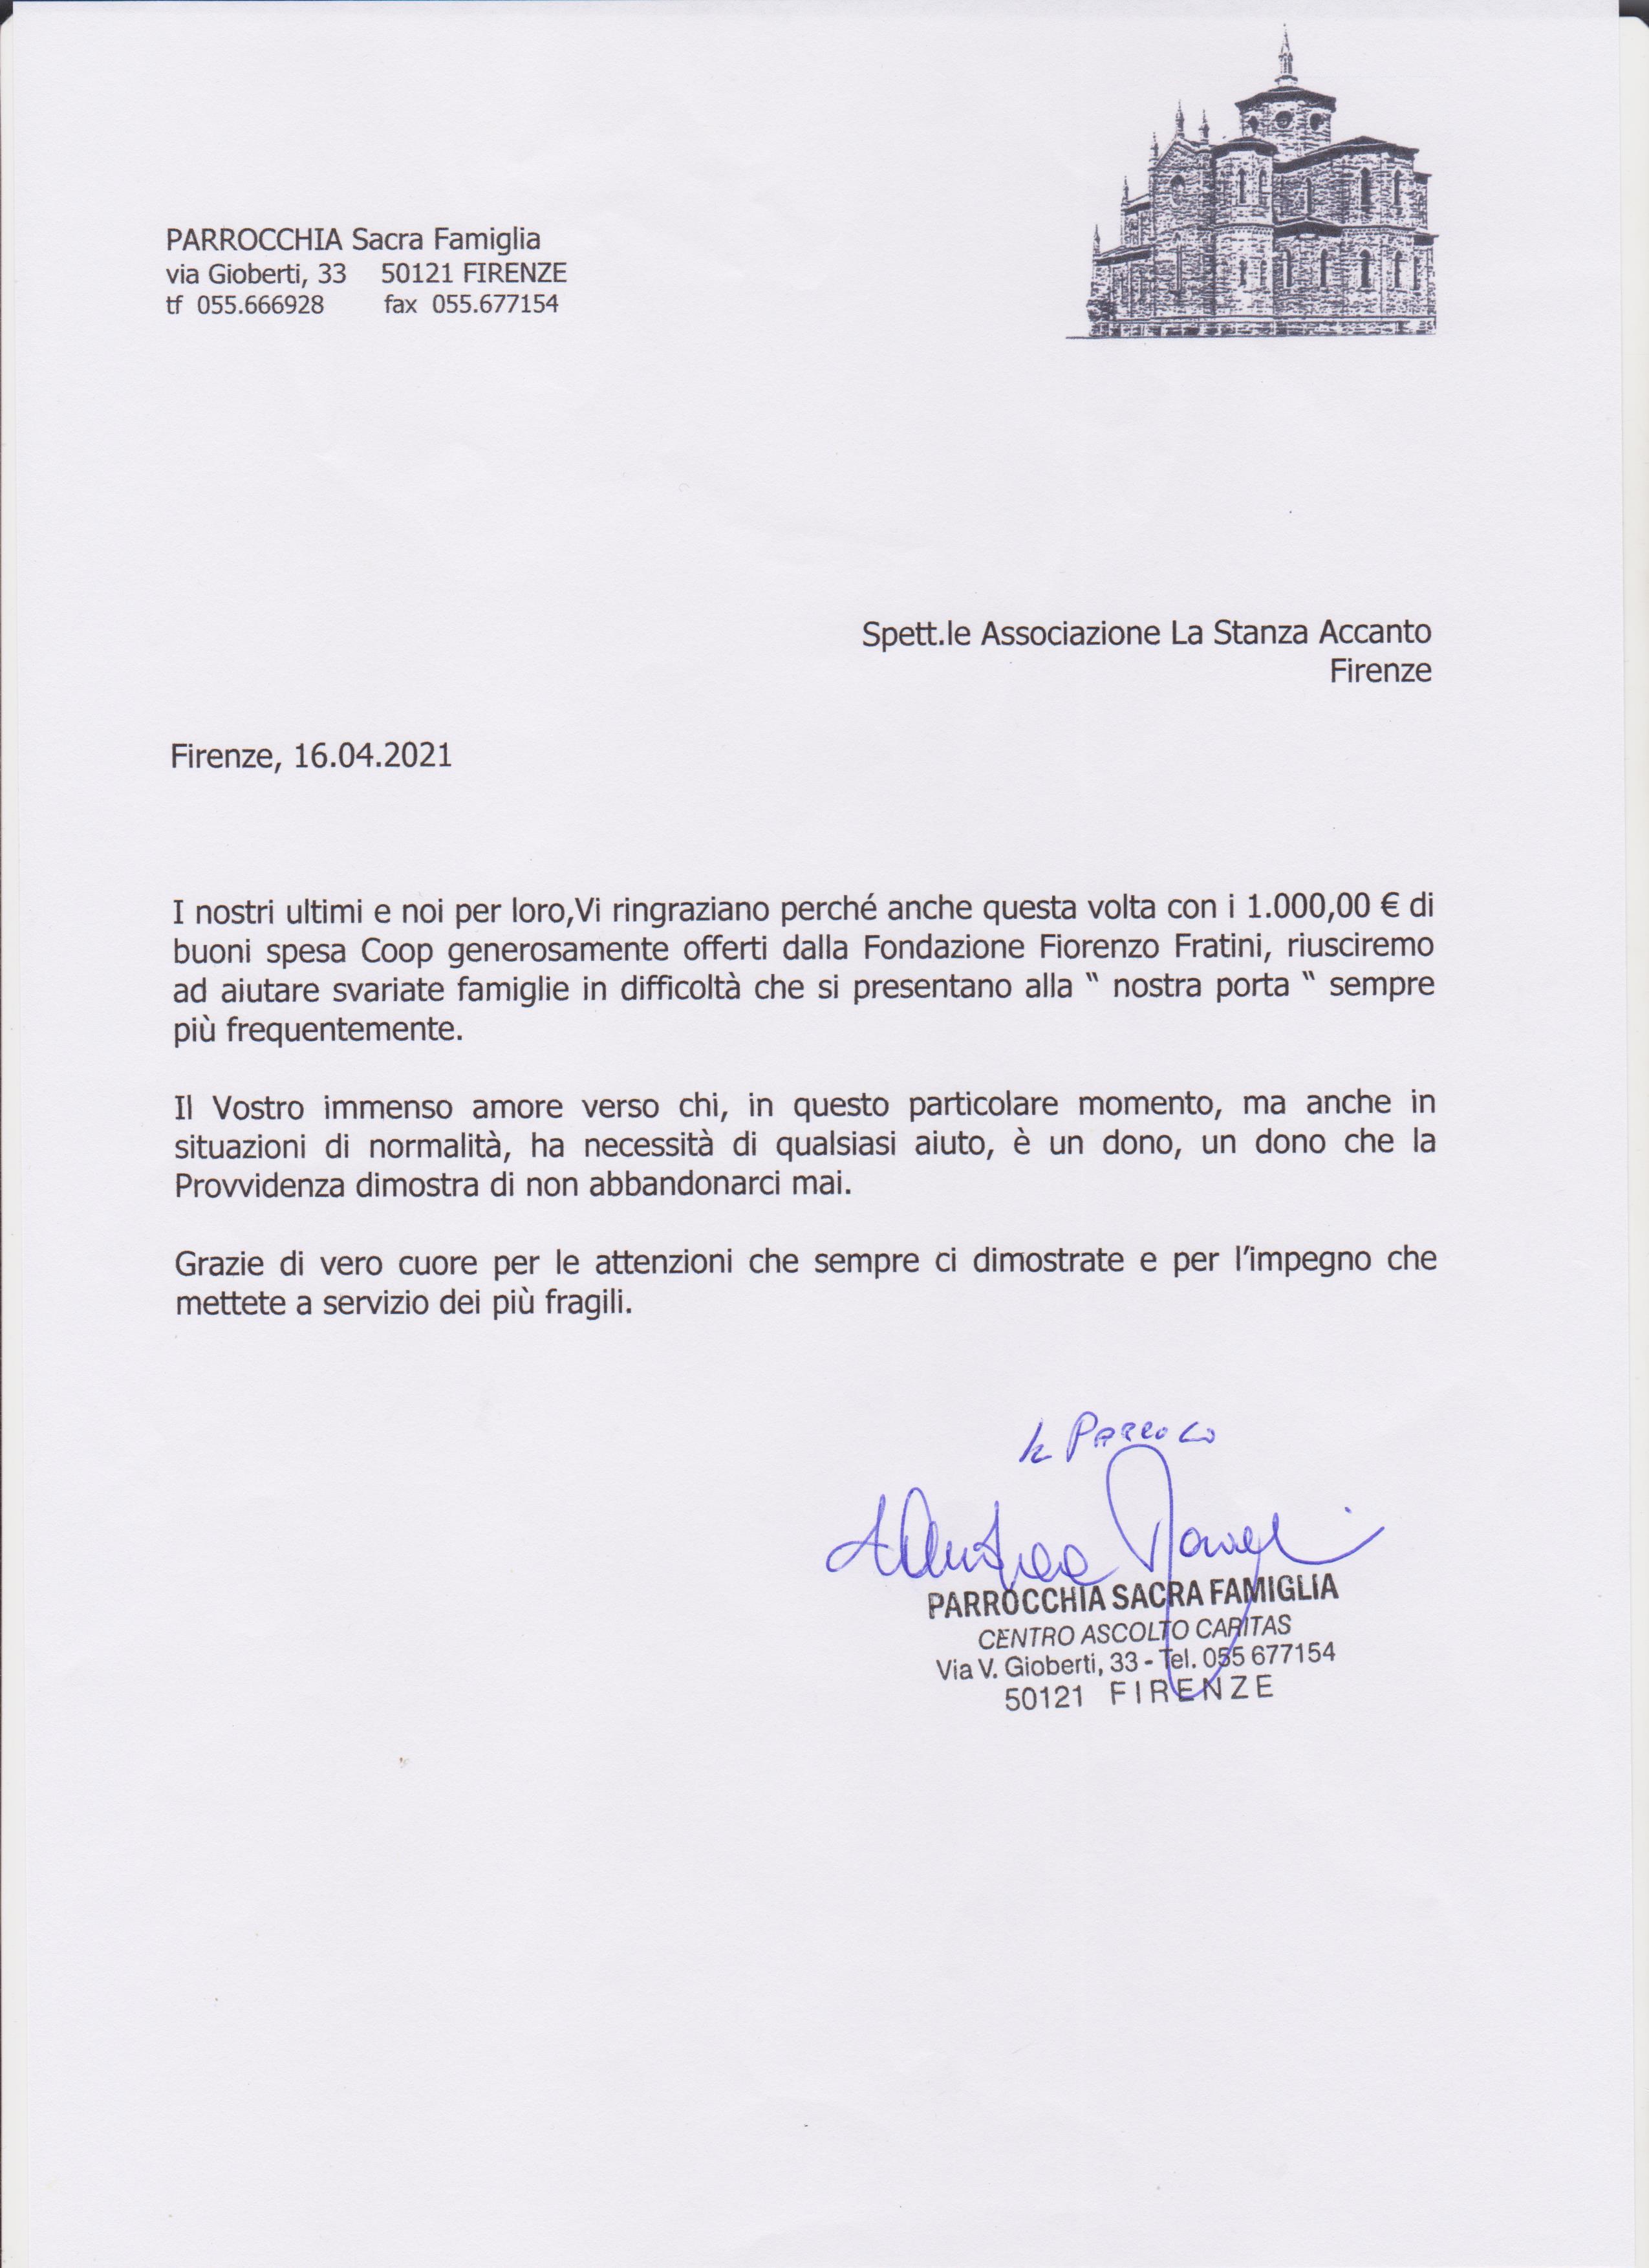 Lettera Ringraziamento Caritas Parrocchia Sacra Famiglia per Buoni Spesa La Stanza Accanto